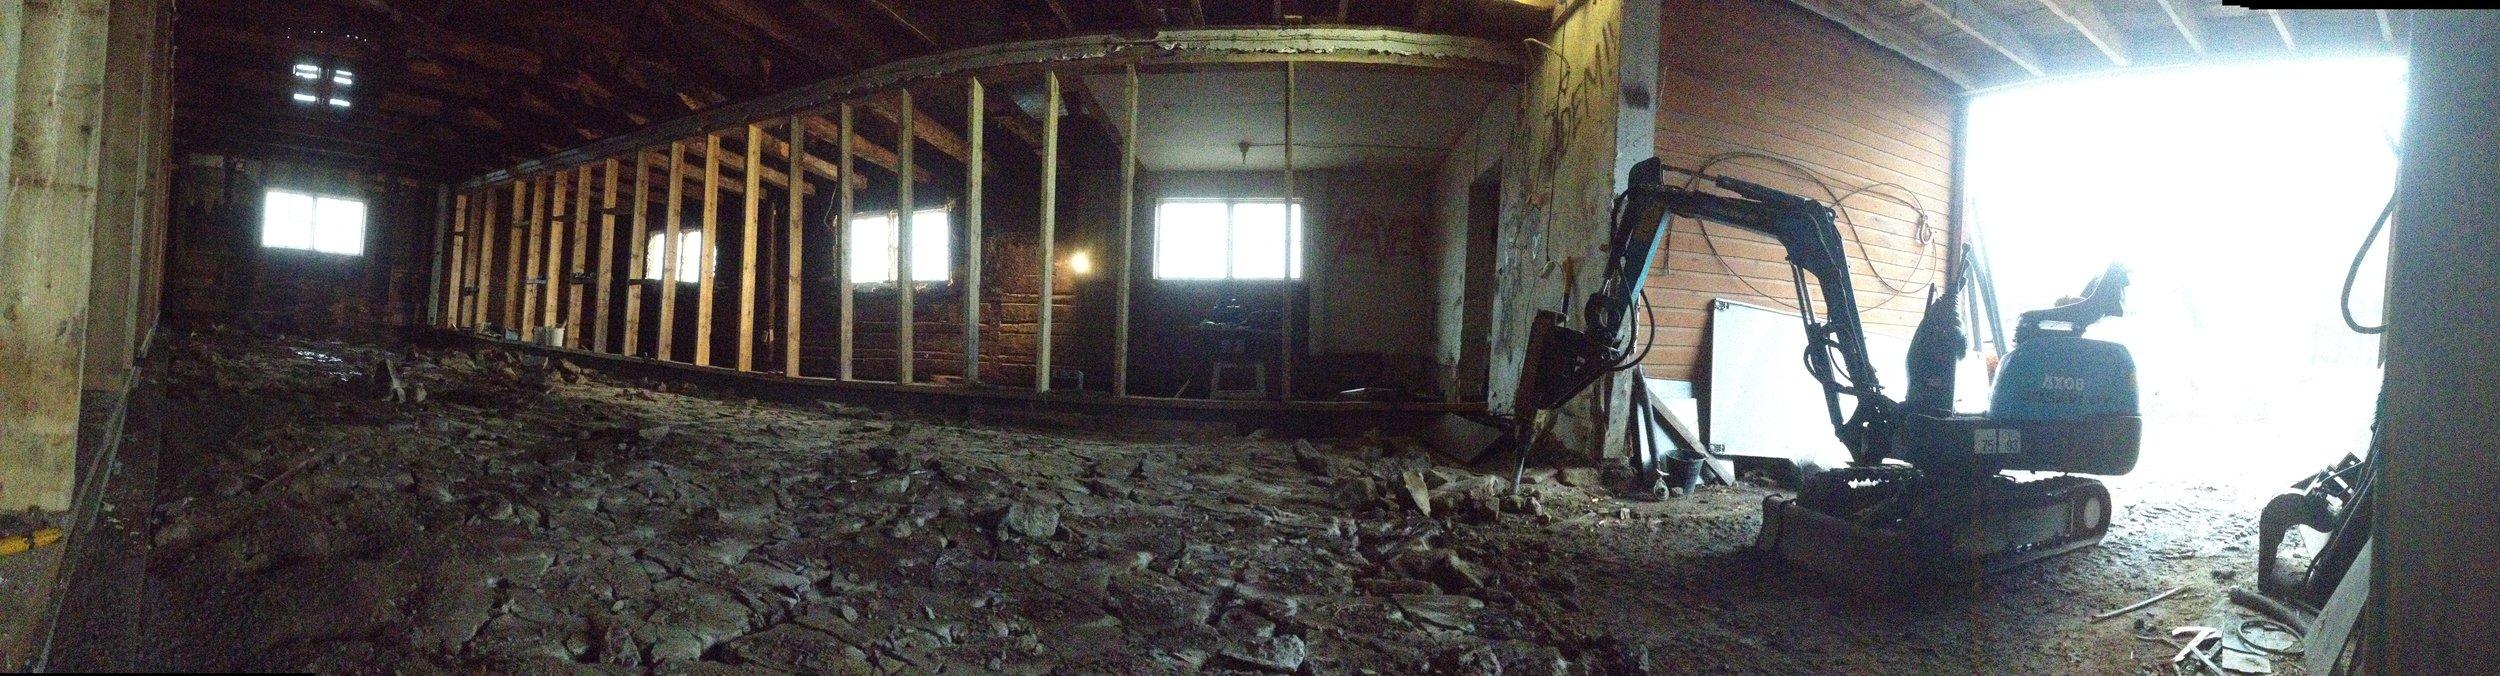 Vanha betonilattia piikattuna. Kaivurilla pois ja uutta tilalle!